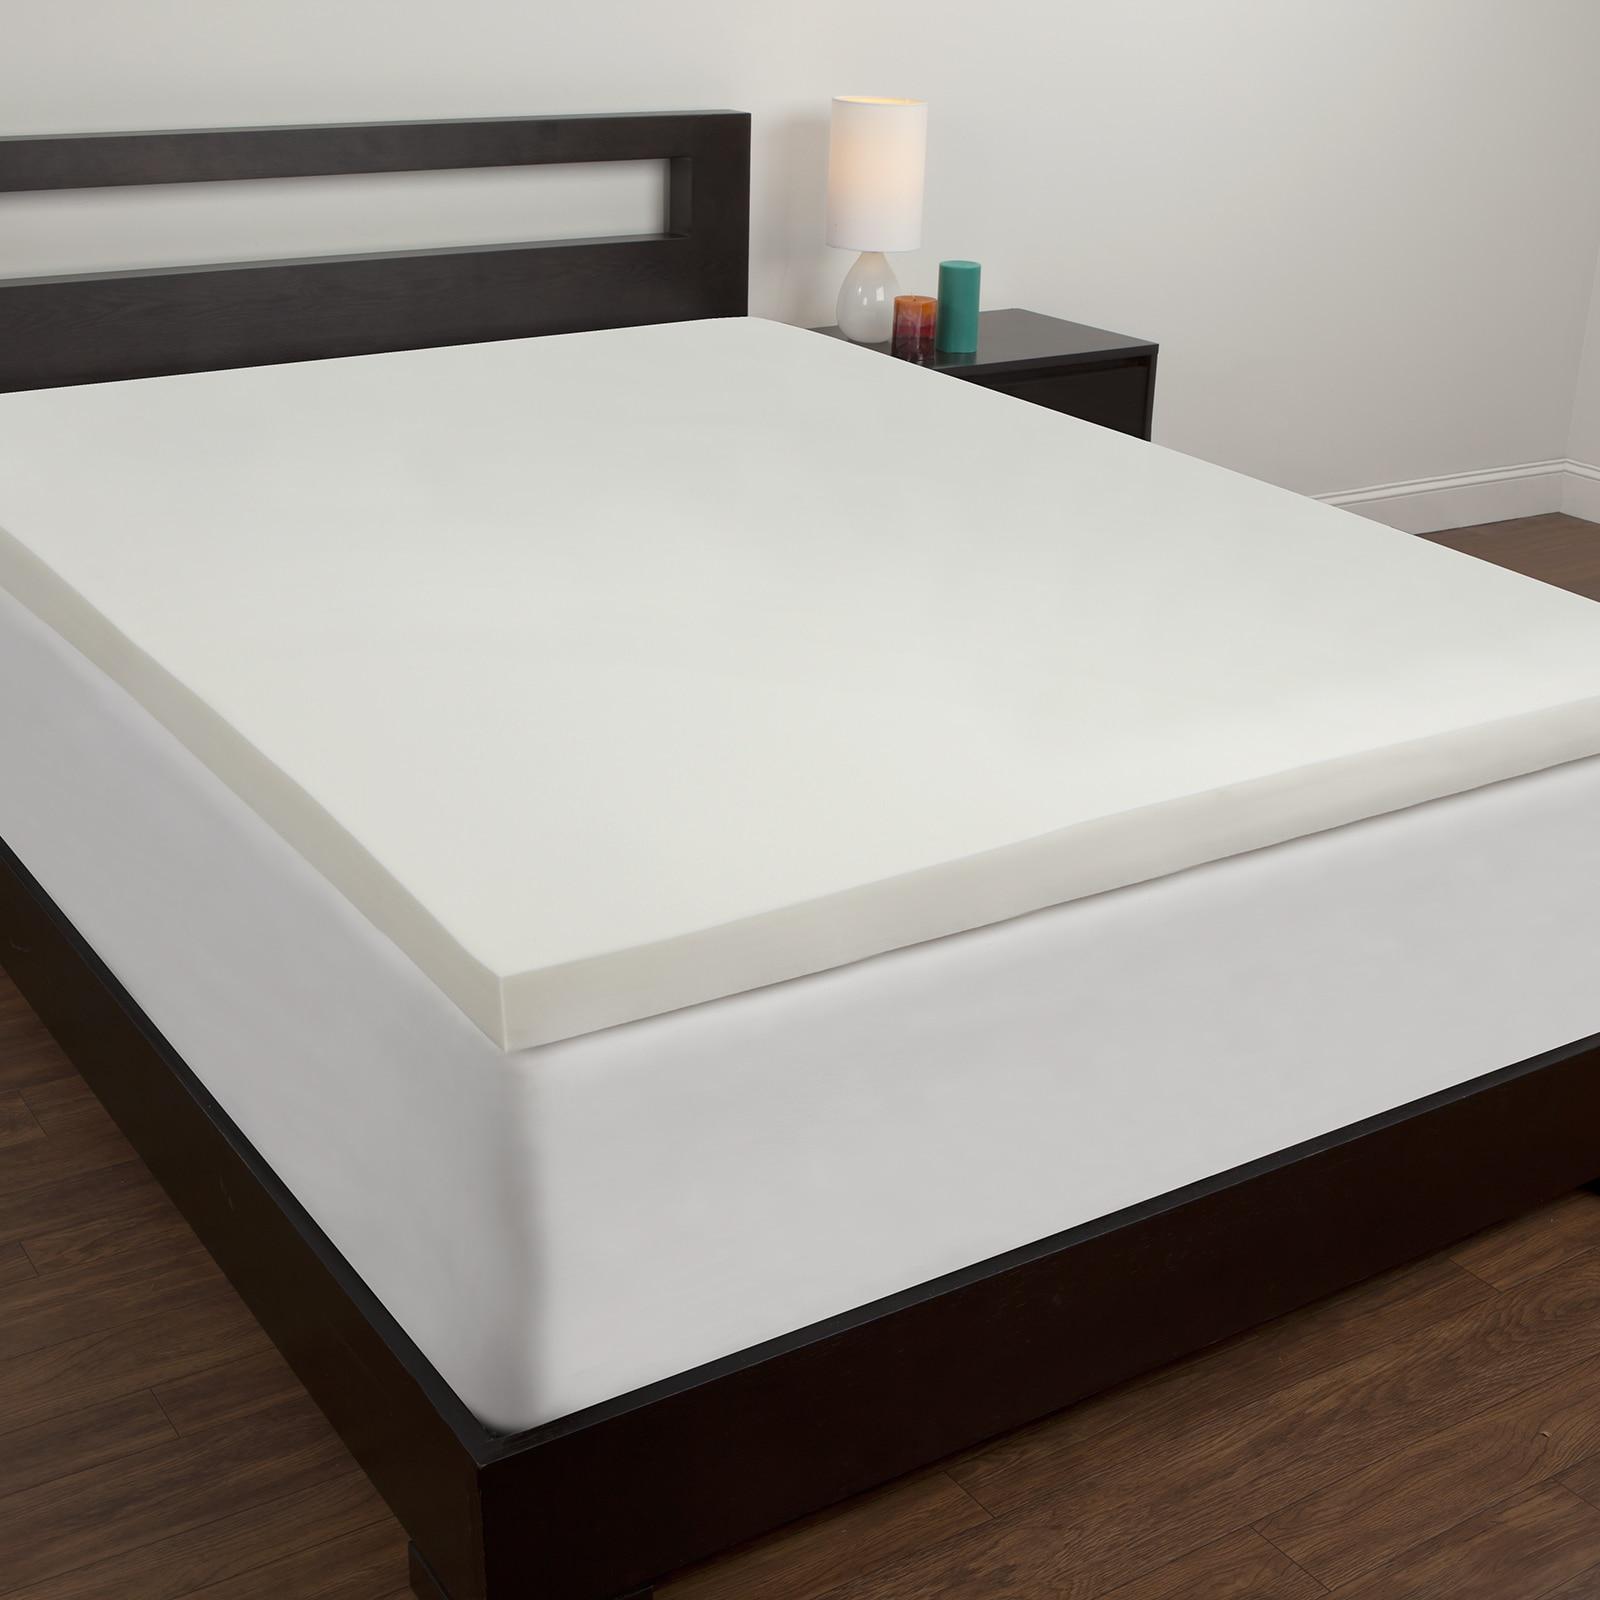 Comfort Memories Premium 3-inch Memory Foam Mattress Topp...